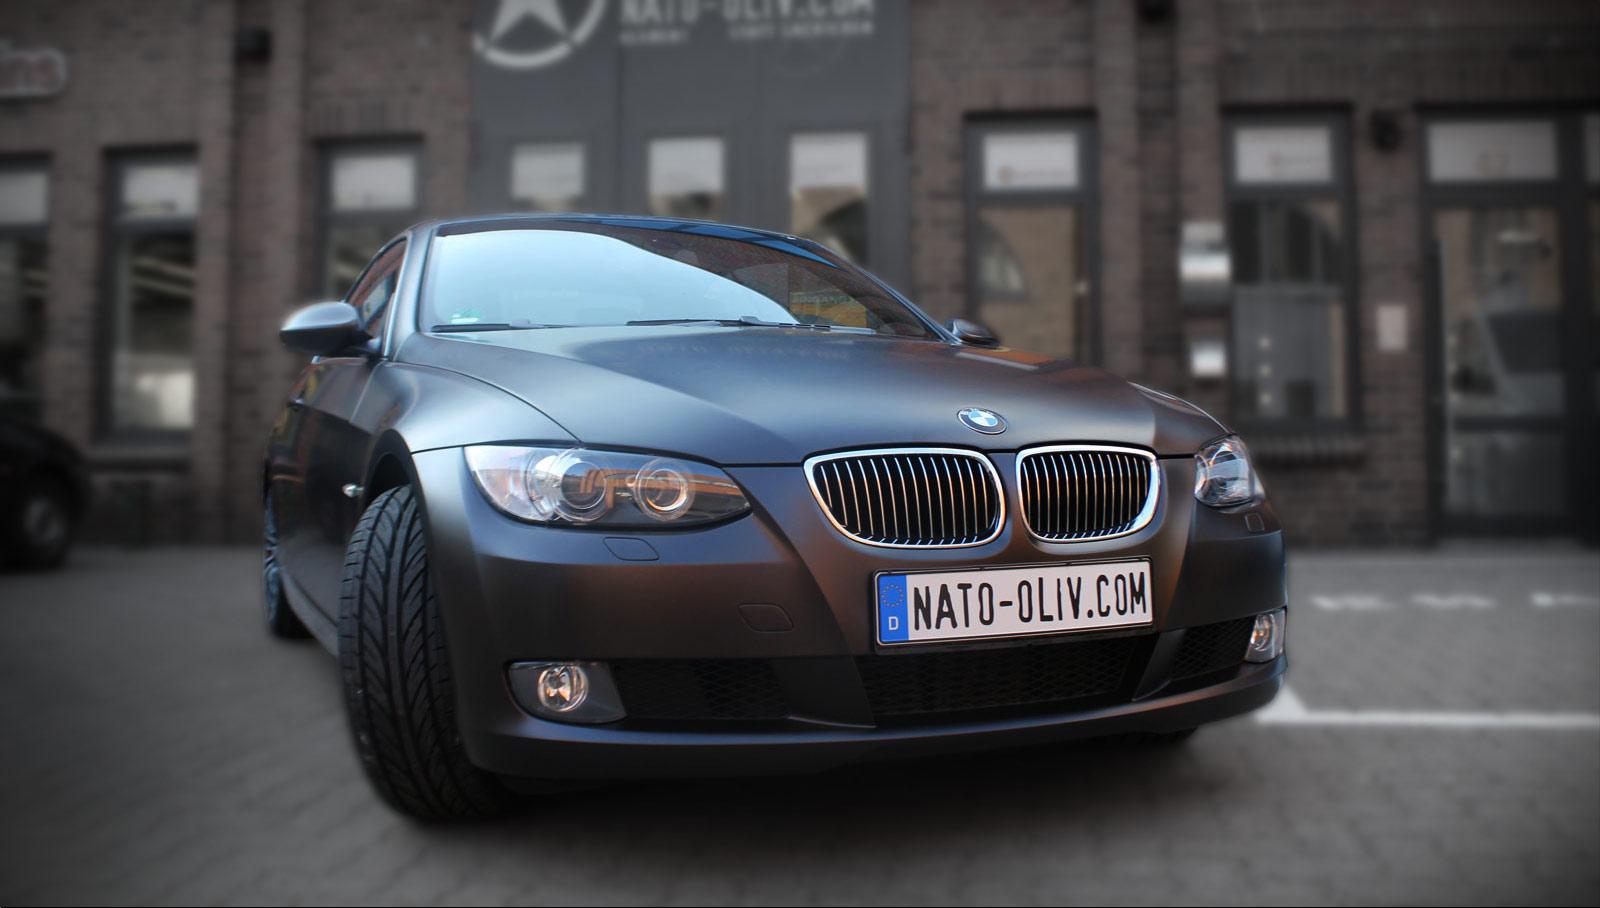 Auto Folierung eines BMW 3er in schwarz matt.